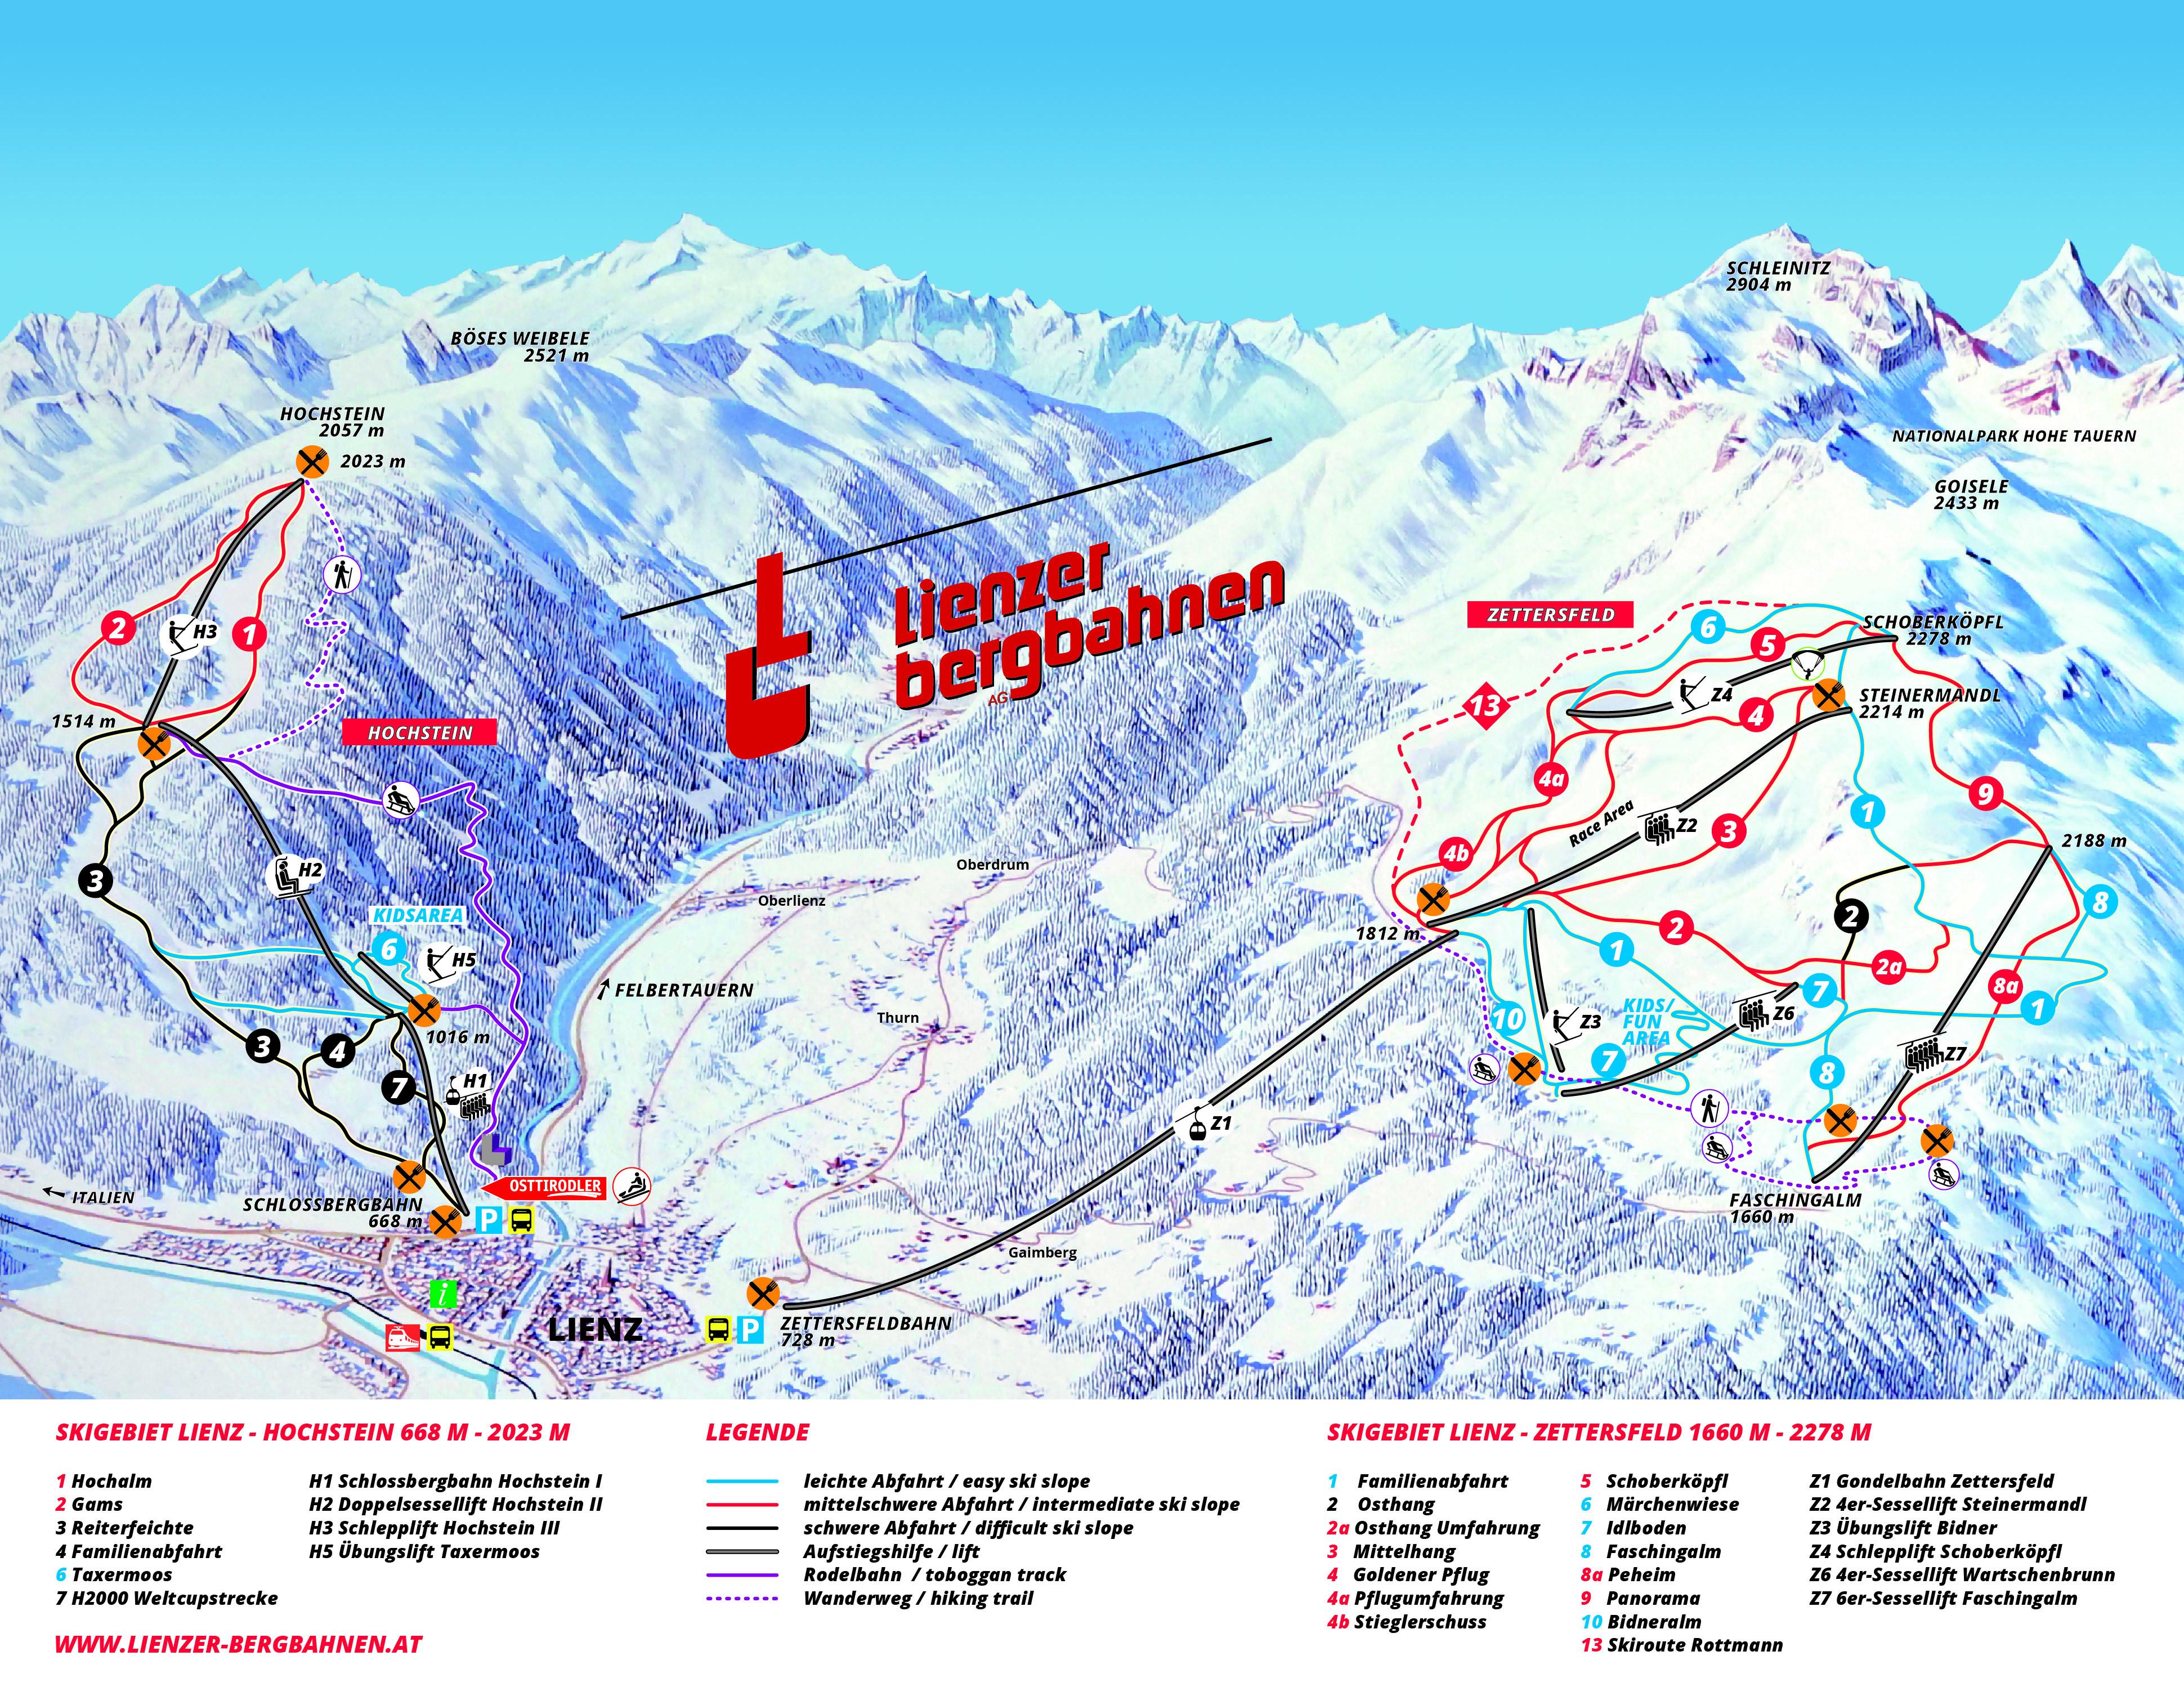 Lienz/Zettersfeld Piste / Trail Map